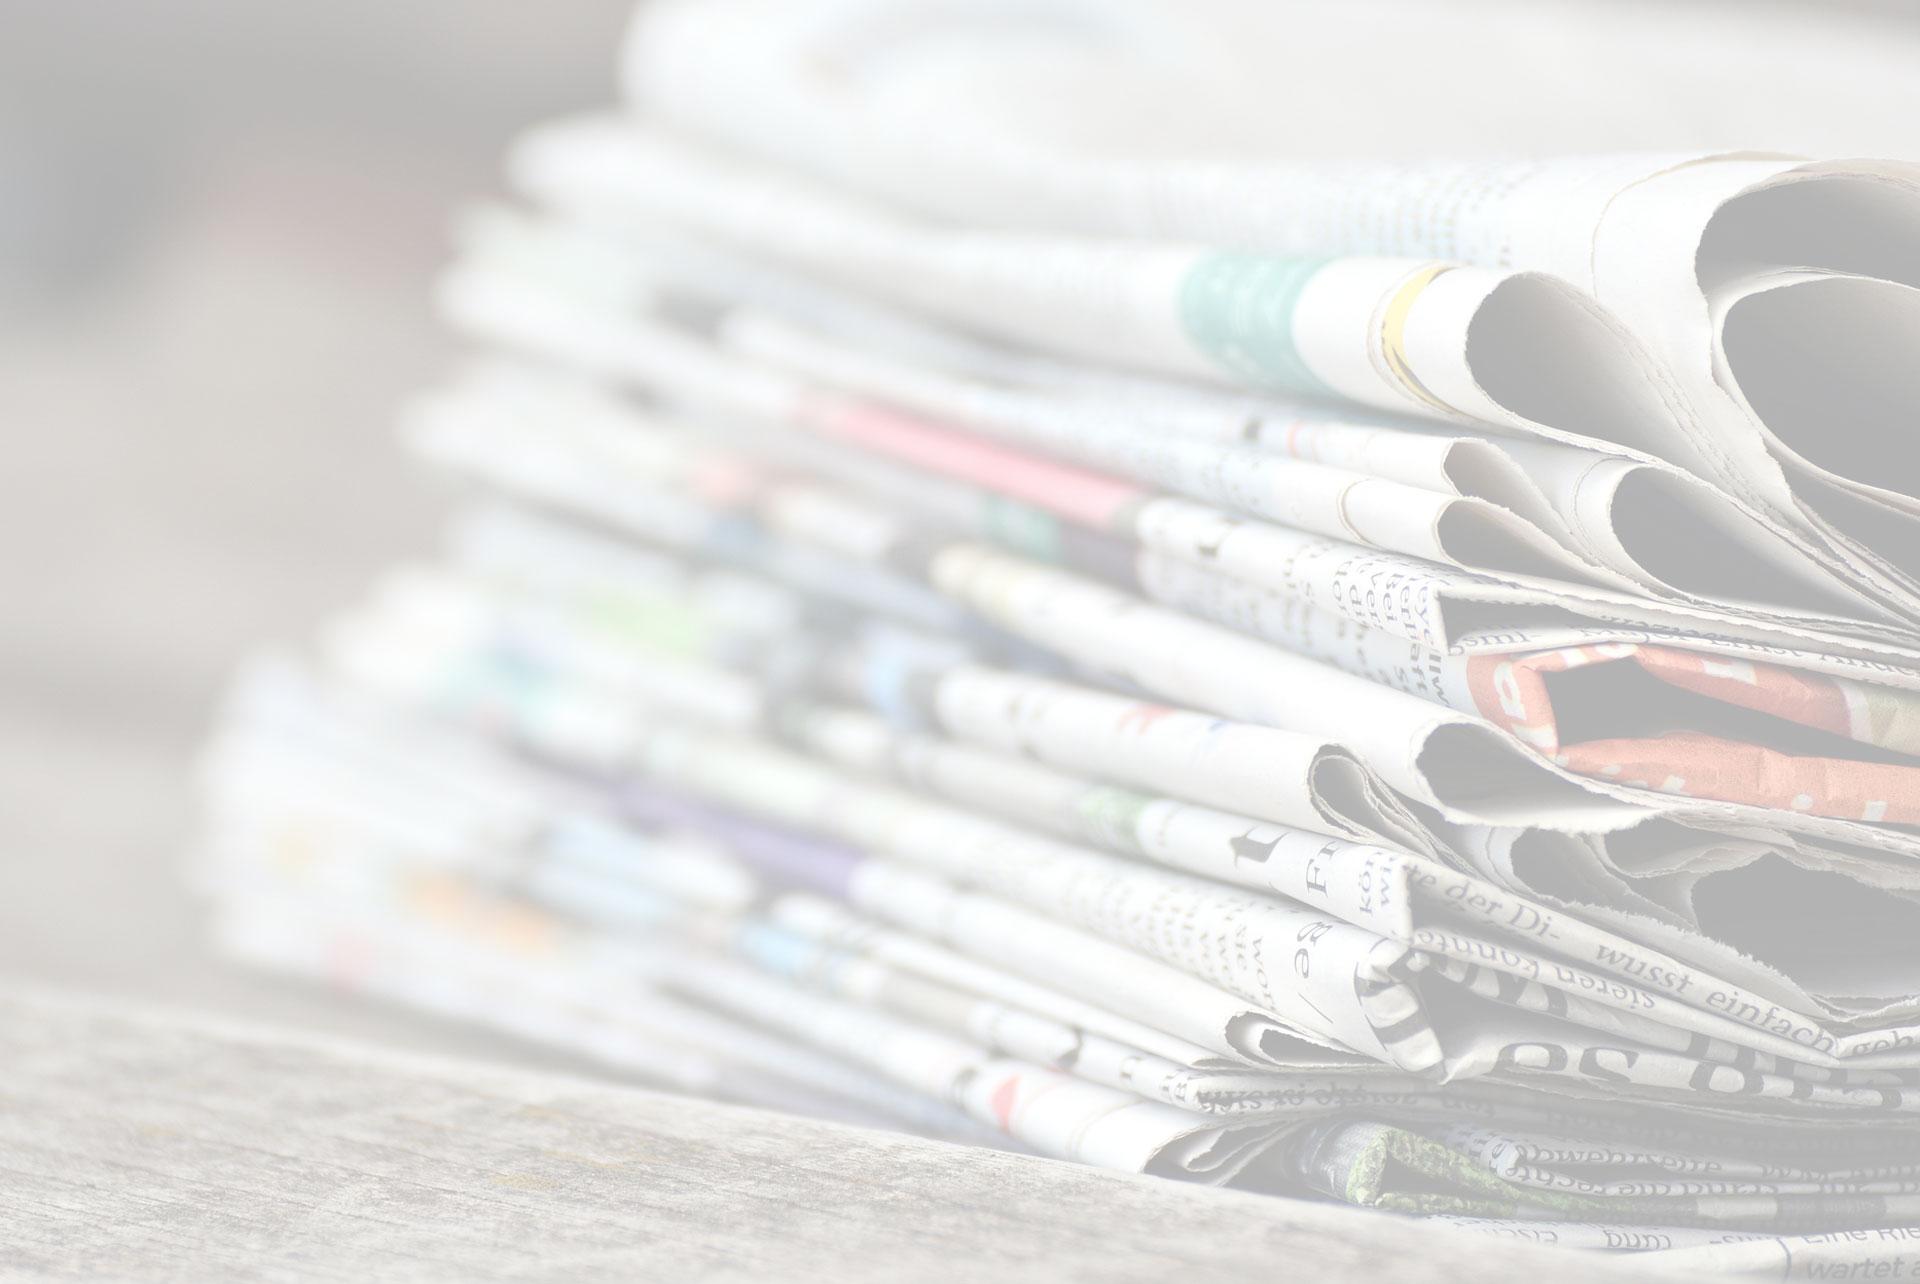 Rapporto Censis 2020